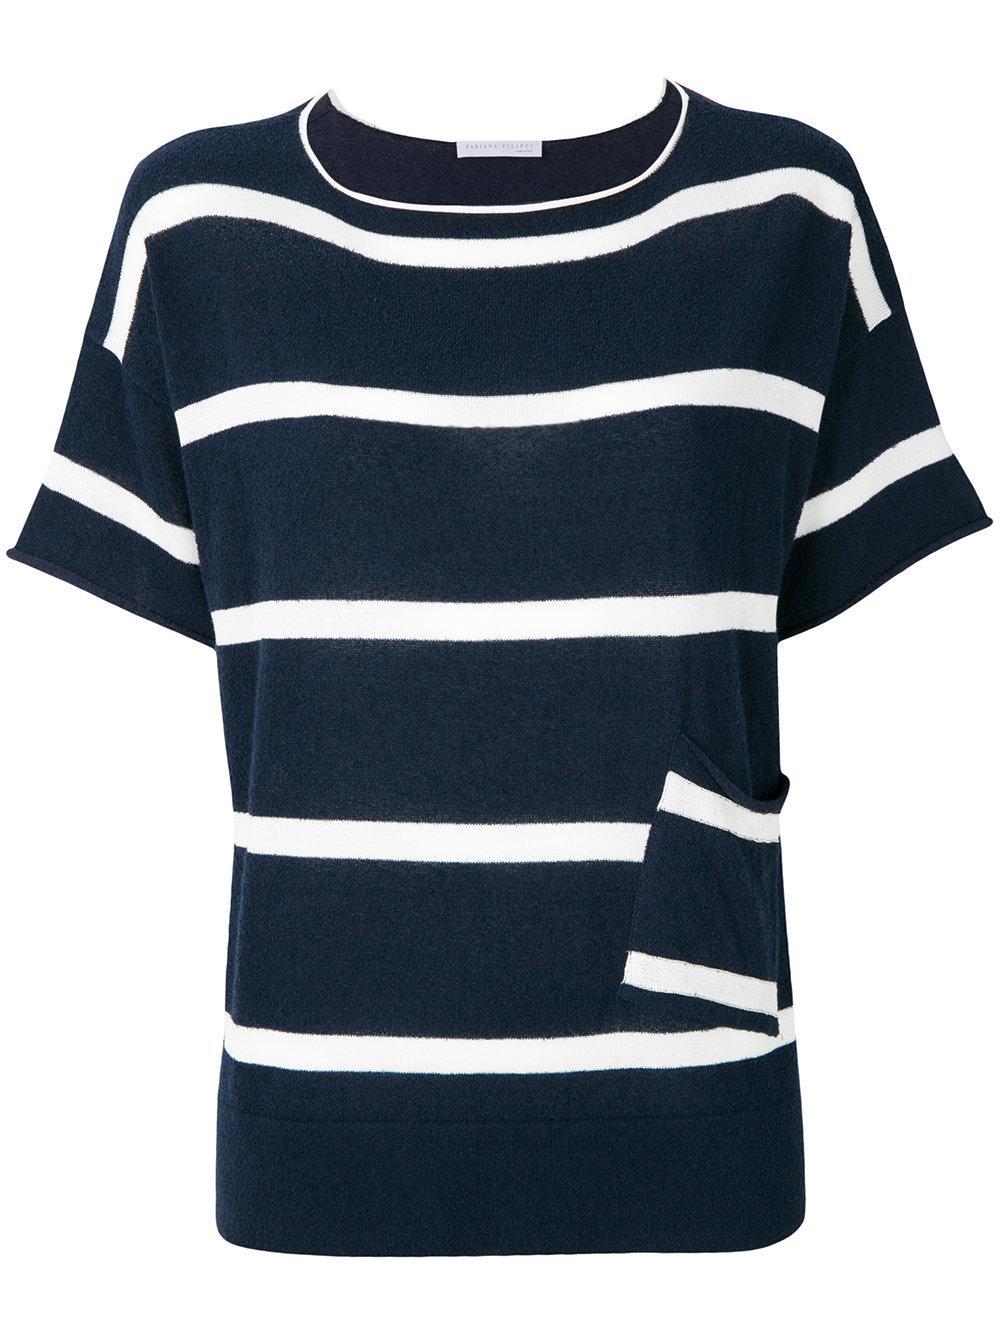 Fabiana Filippi Striped T-shirt